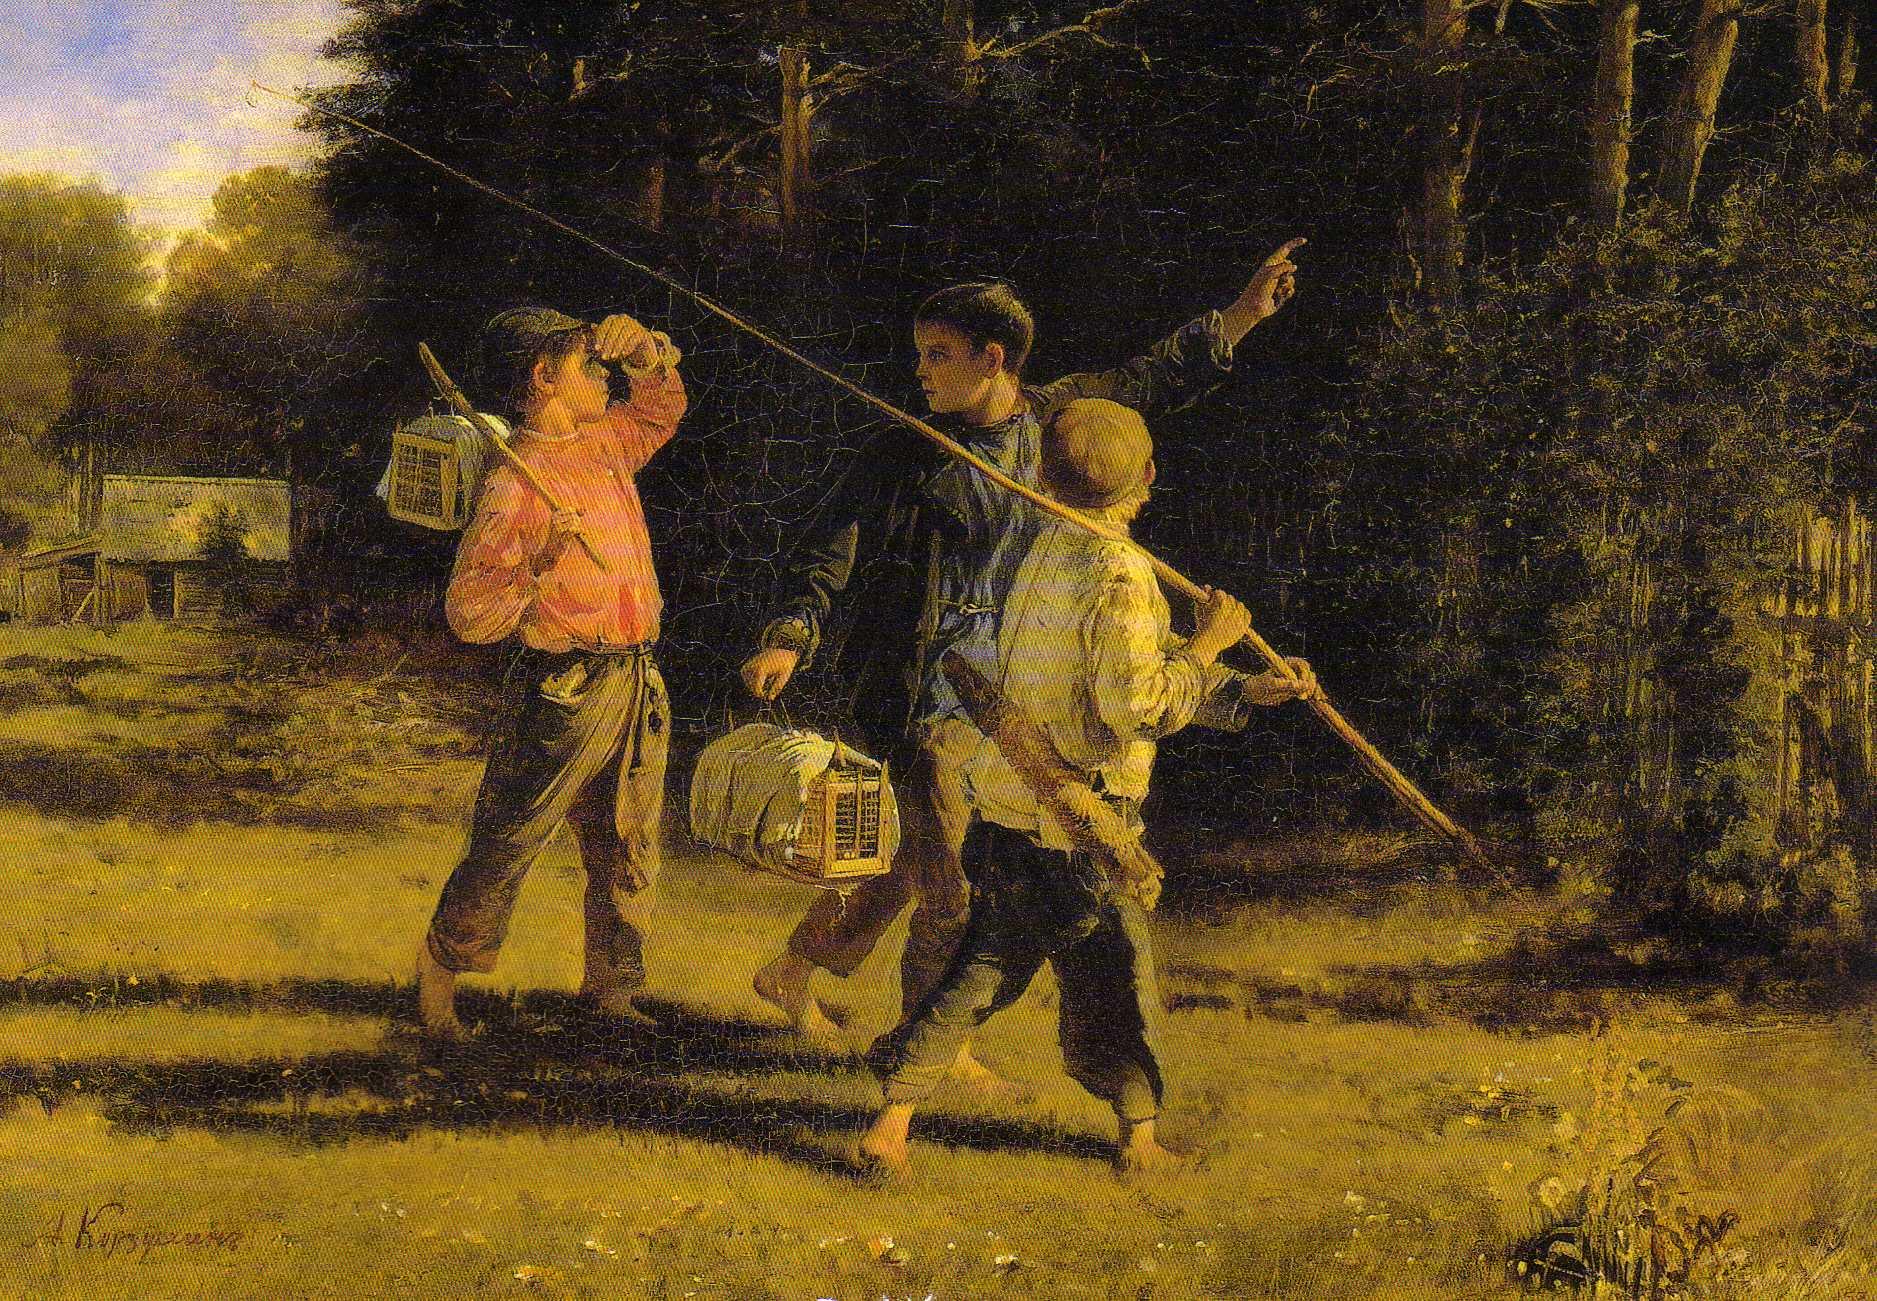 Сочинение по картине А.И.Корзухина «Птичьи враги» (с прямой речью для 6 класса - второй вариант сочинения)